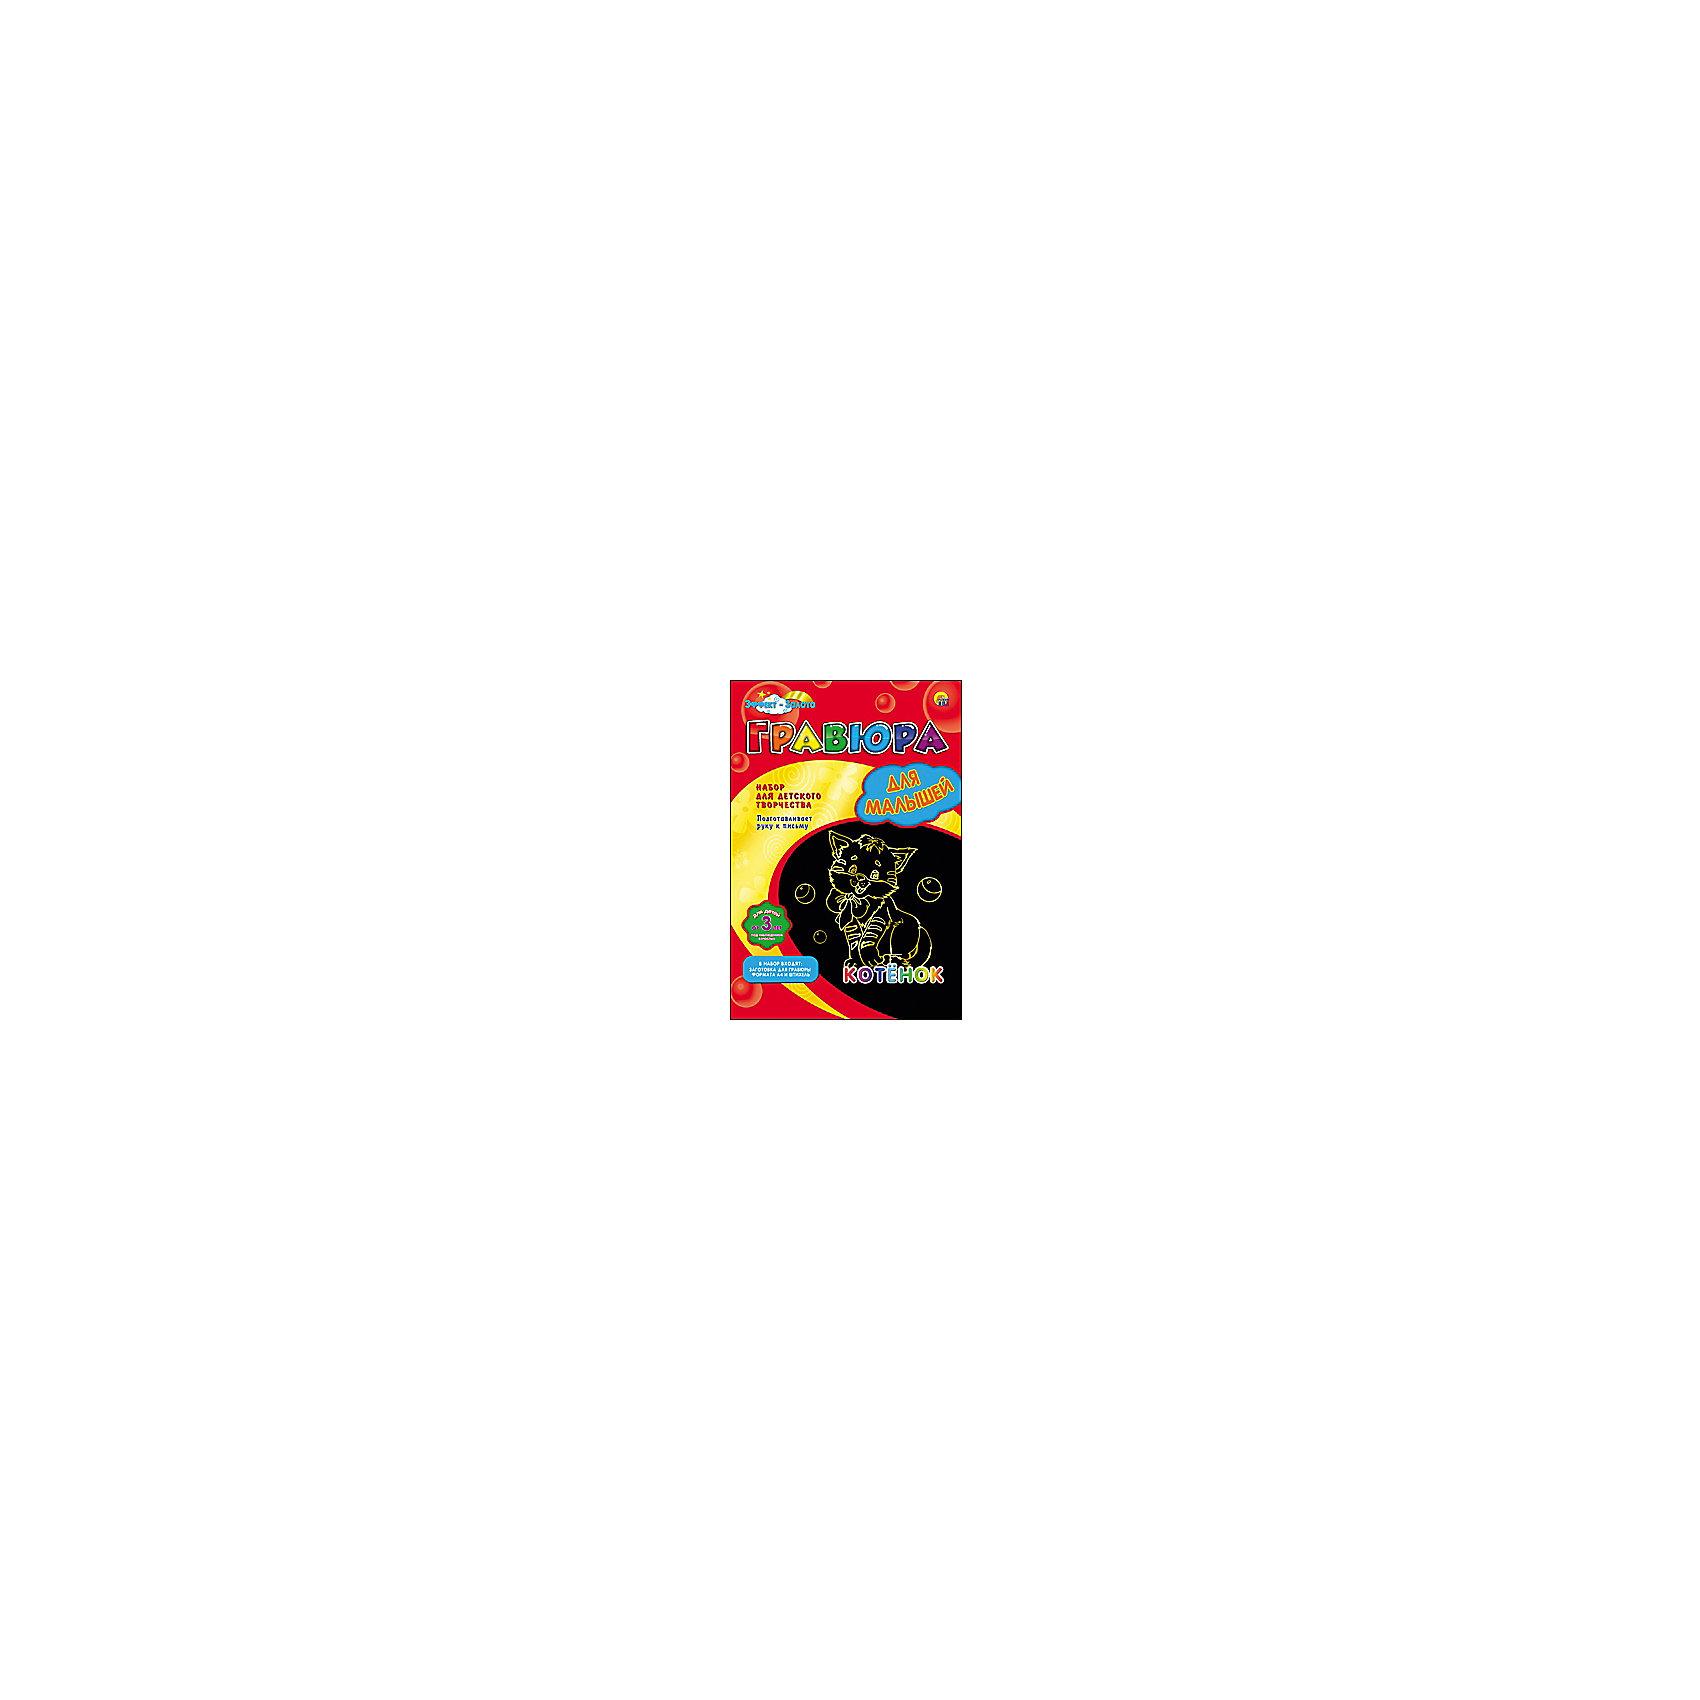 Гравюра для малышей  А4 в конверте Котенок (золото)наборы для творчества, позволяющие Вашему ребёнку развивать свое художественное воображение, создавая сюжеты, достойные великих мастеров! Техника гравюры очень проста и понятна! На заготовке нарисованы контуры. Просто нанесите все штрихи с помощью специального штихеля и получите Вашу собственную уникальную гравюру!<br><br>Ширина мм: 350<br>Глубина мм: 50<br>Высота мм: 225<br>Вес г: 450<br>Возраст от месяцев: 0<br>Возраст до месяцев: 108<br>Пол: Унисекс<br>Возраст: Детский<br>SKU: 5096804